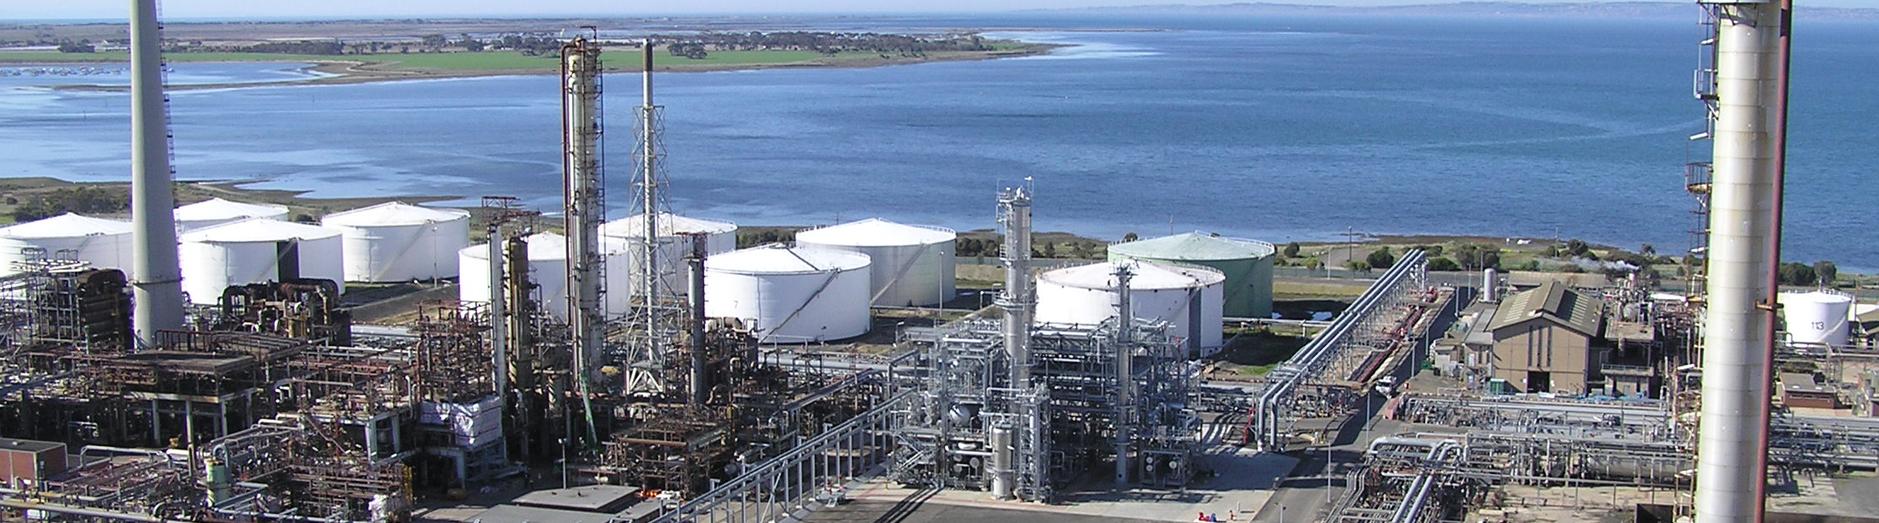 Viva_Geelong_refinery_2.jpg